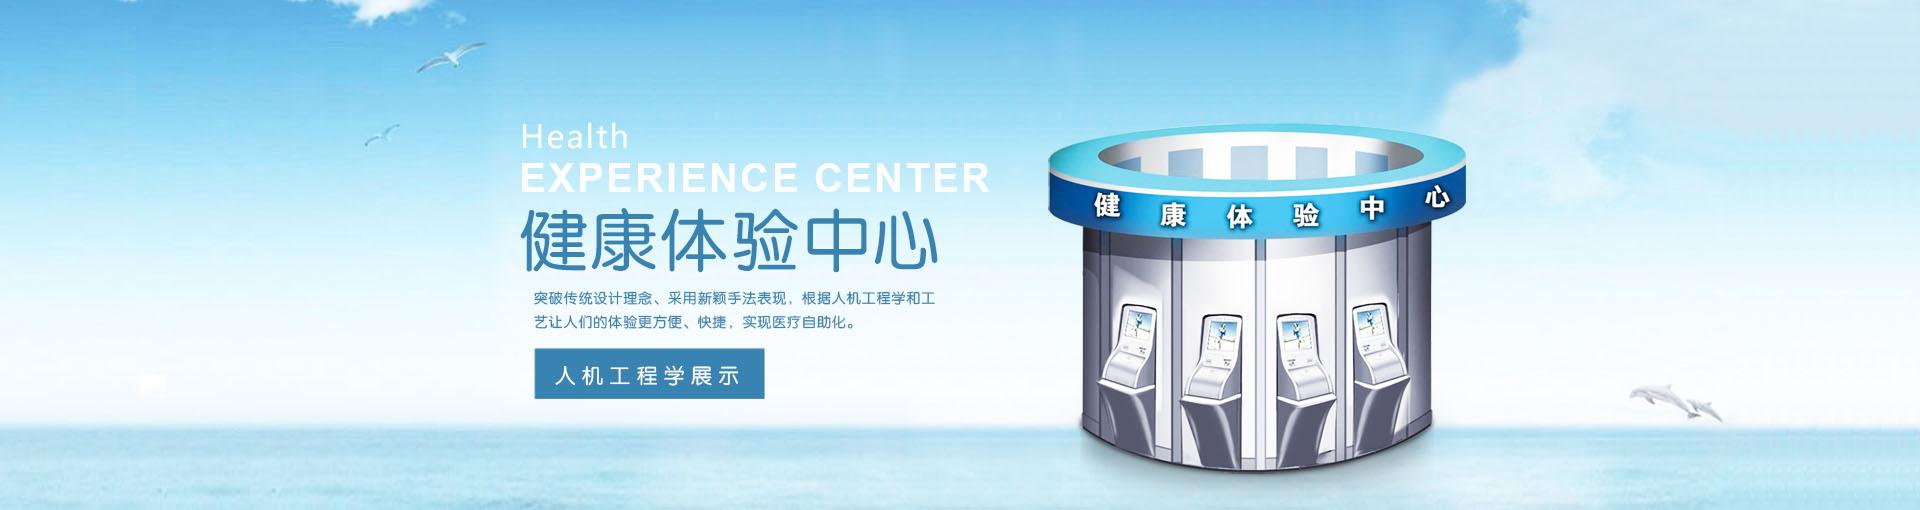 重庆工业设计